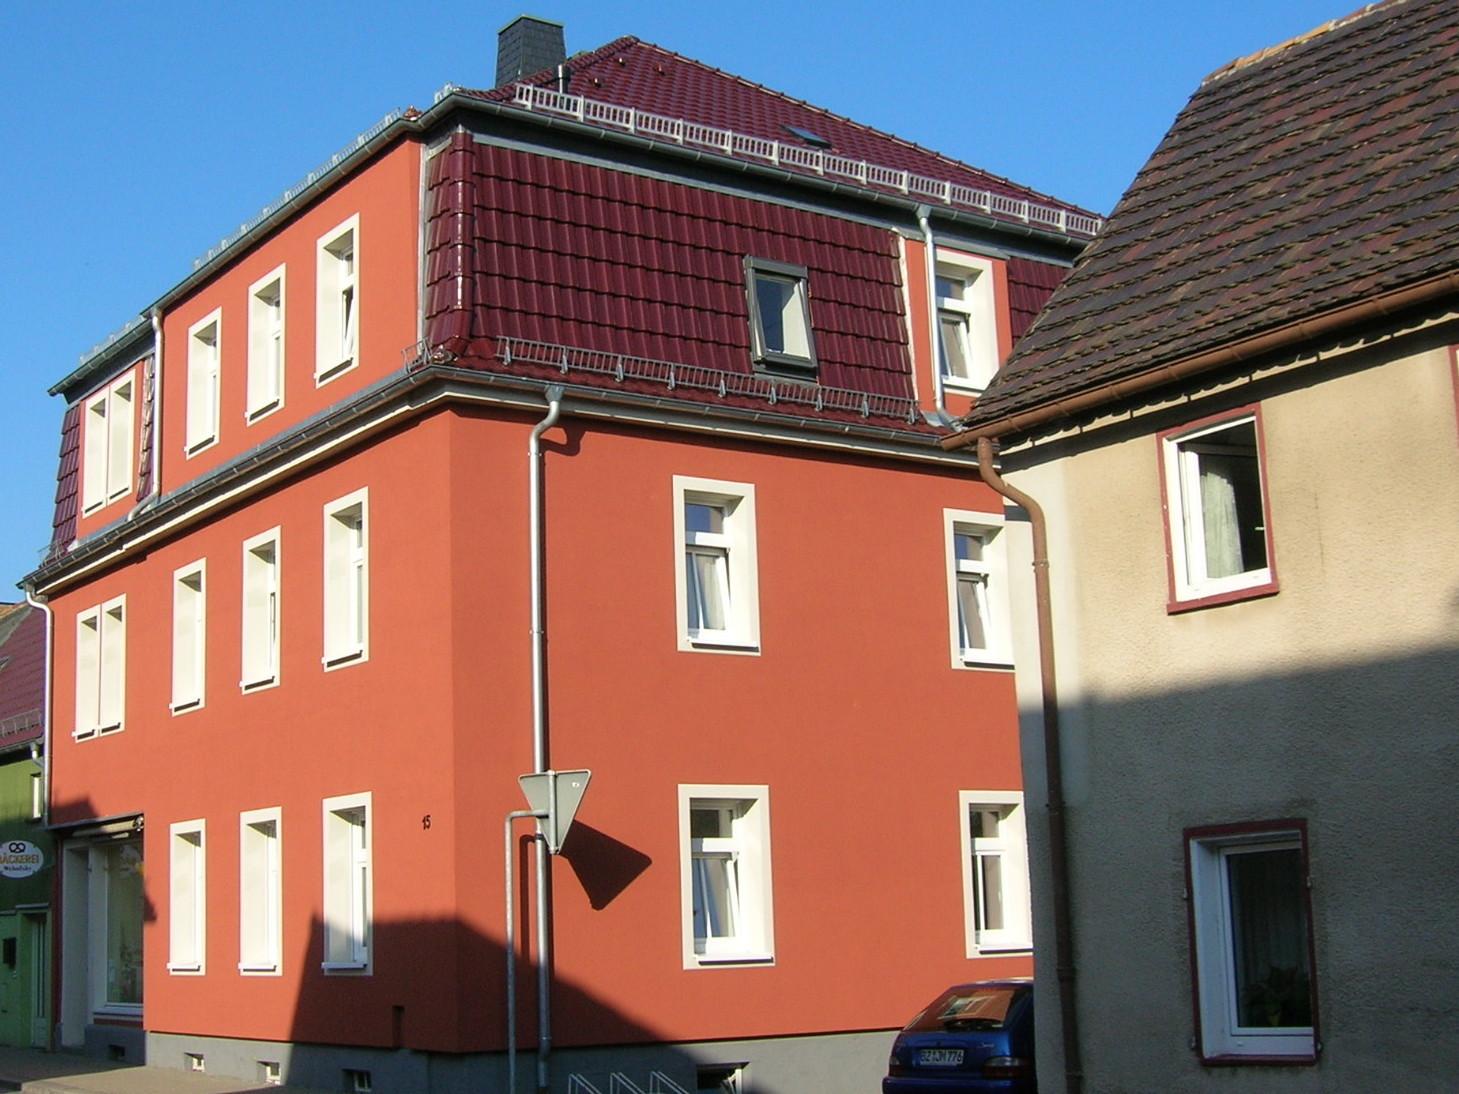 Rekonstruktion Wohn- und Geschäftshaus nach Brandschaden, Pulsnitz, 2012